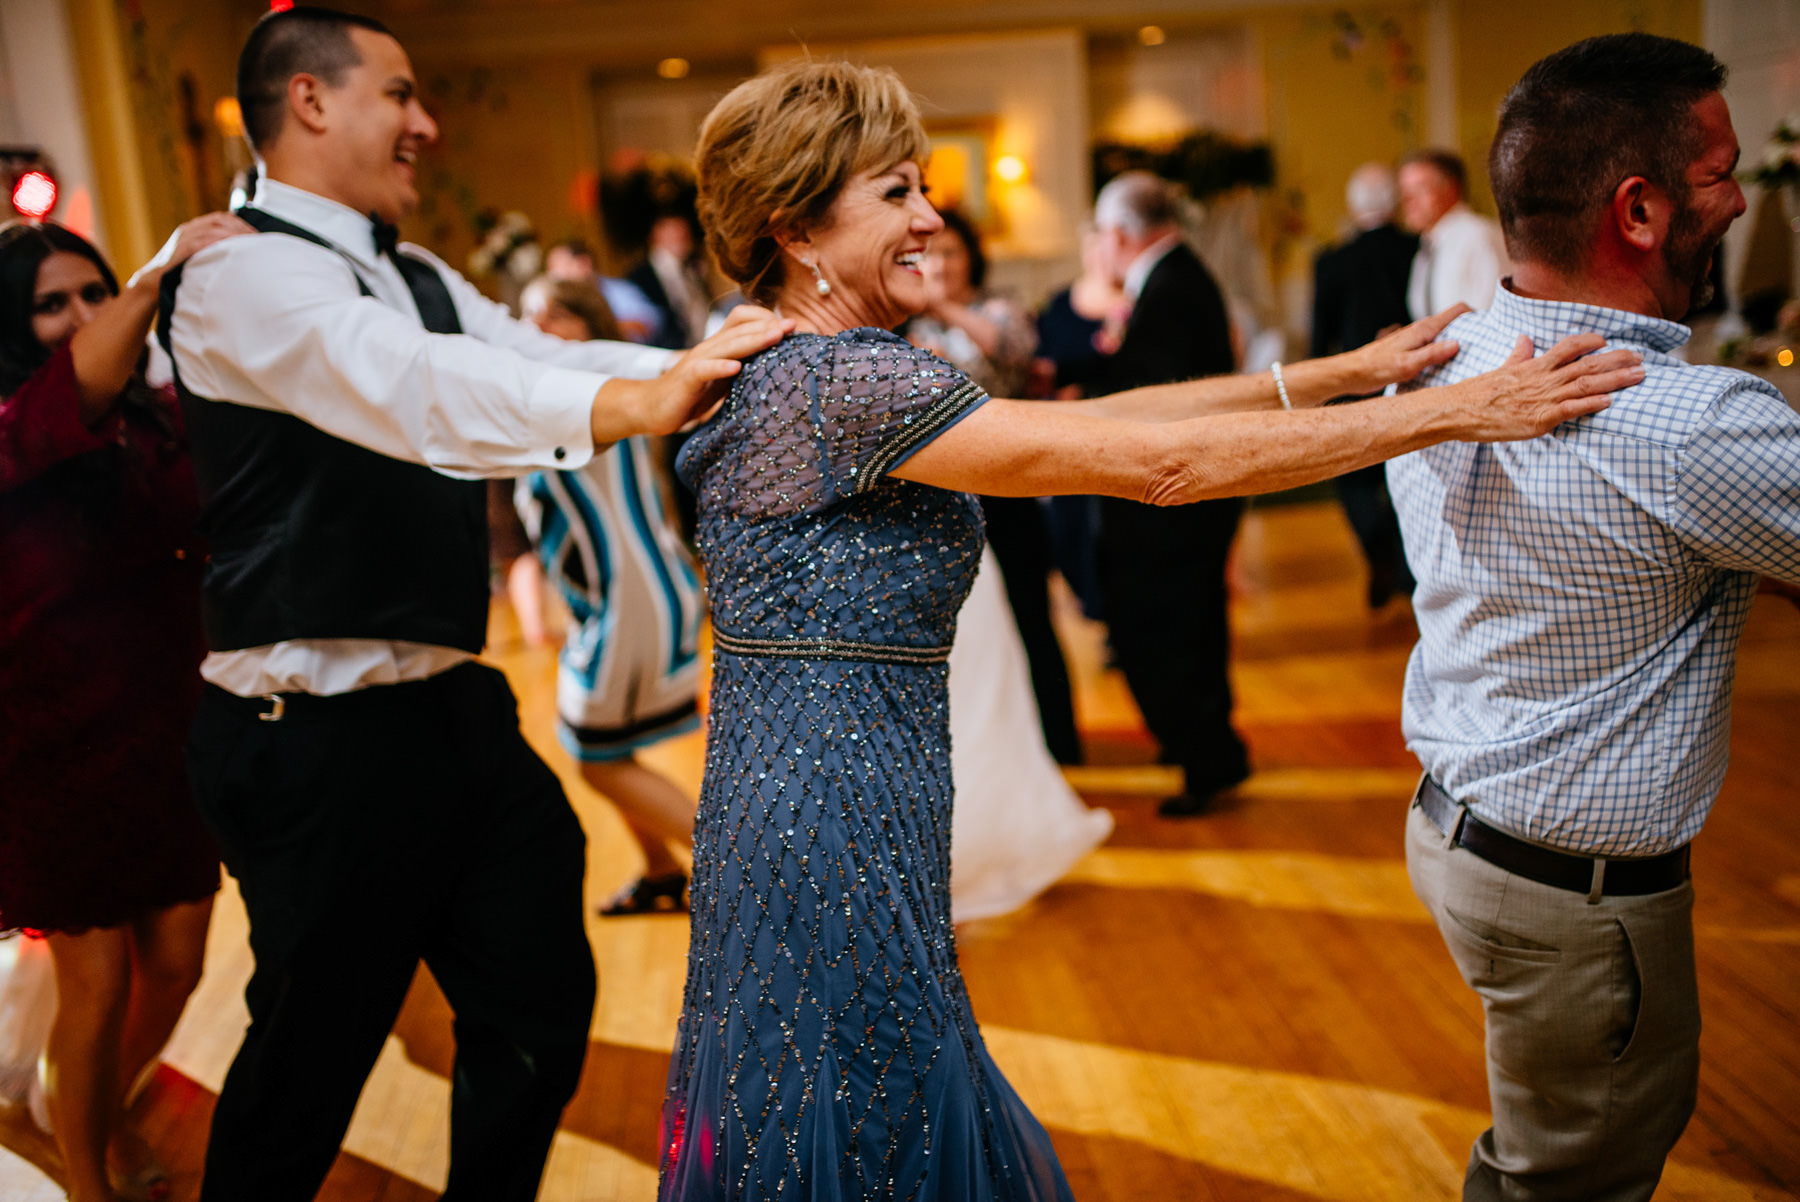 edgewood country club wv wedding